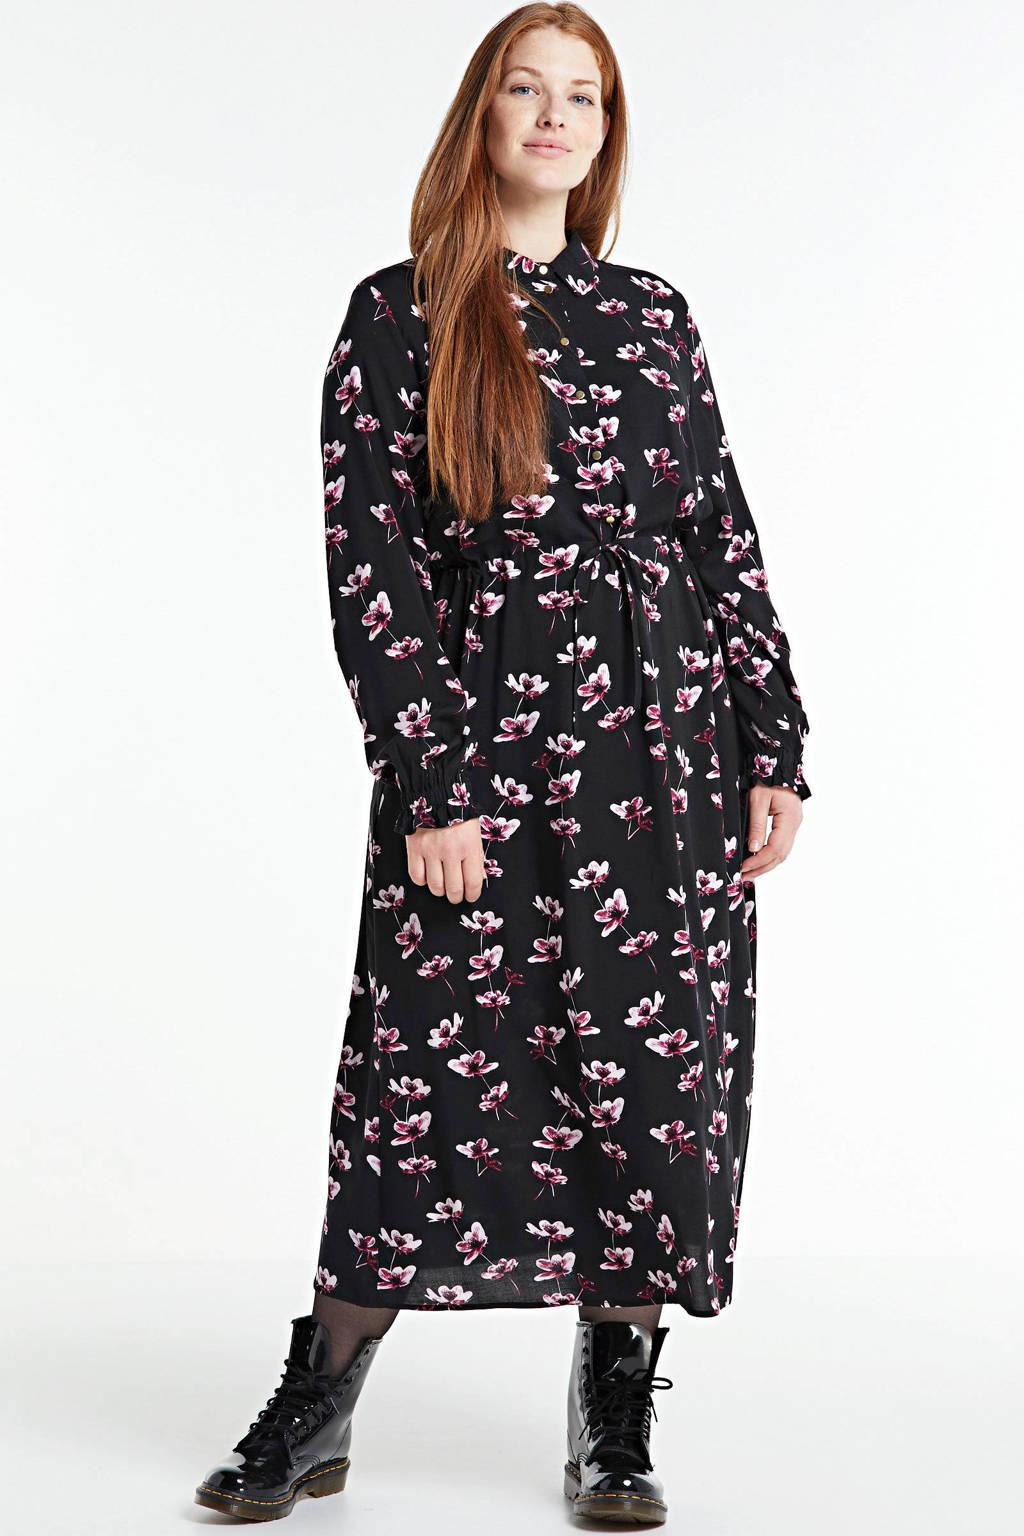 Zizzi gebloemde jurk Jasmine zwart/multi, Zwart/multi